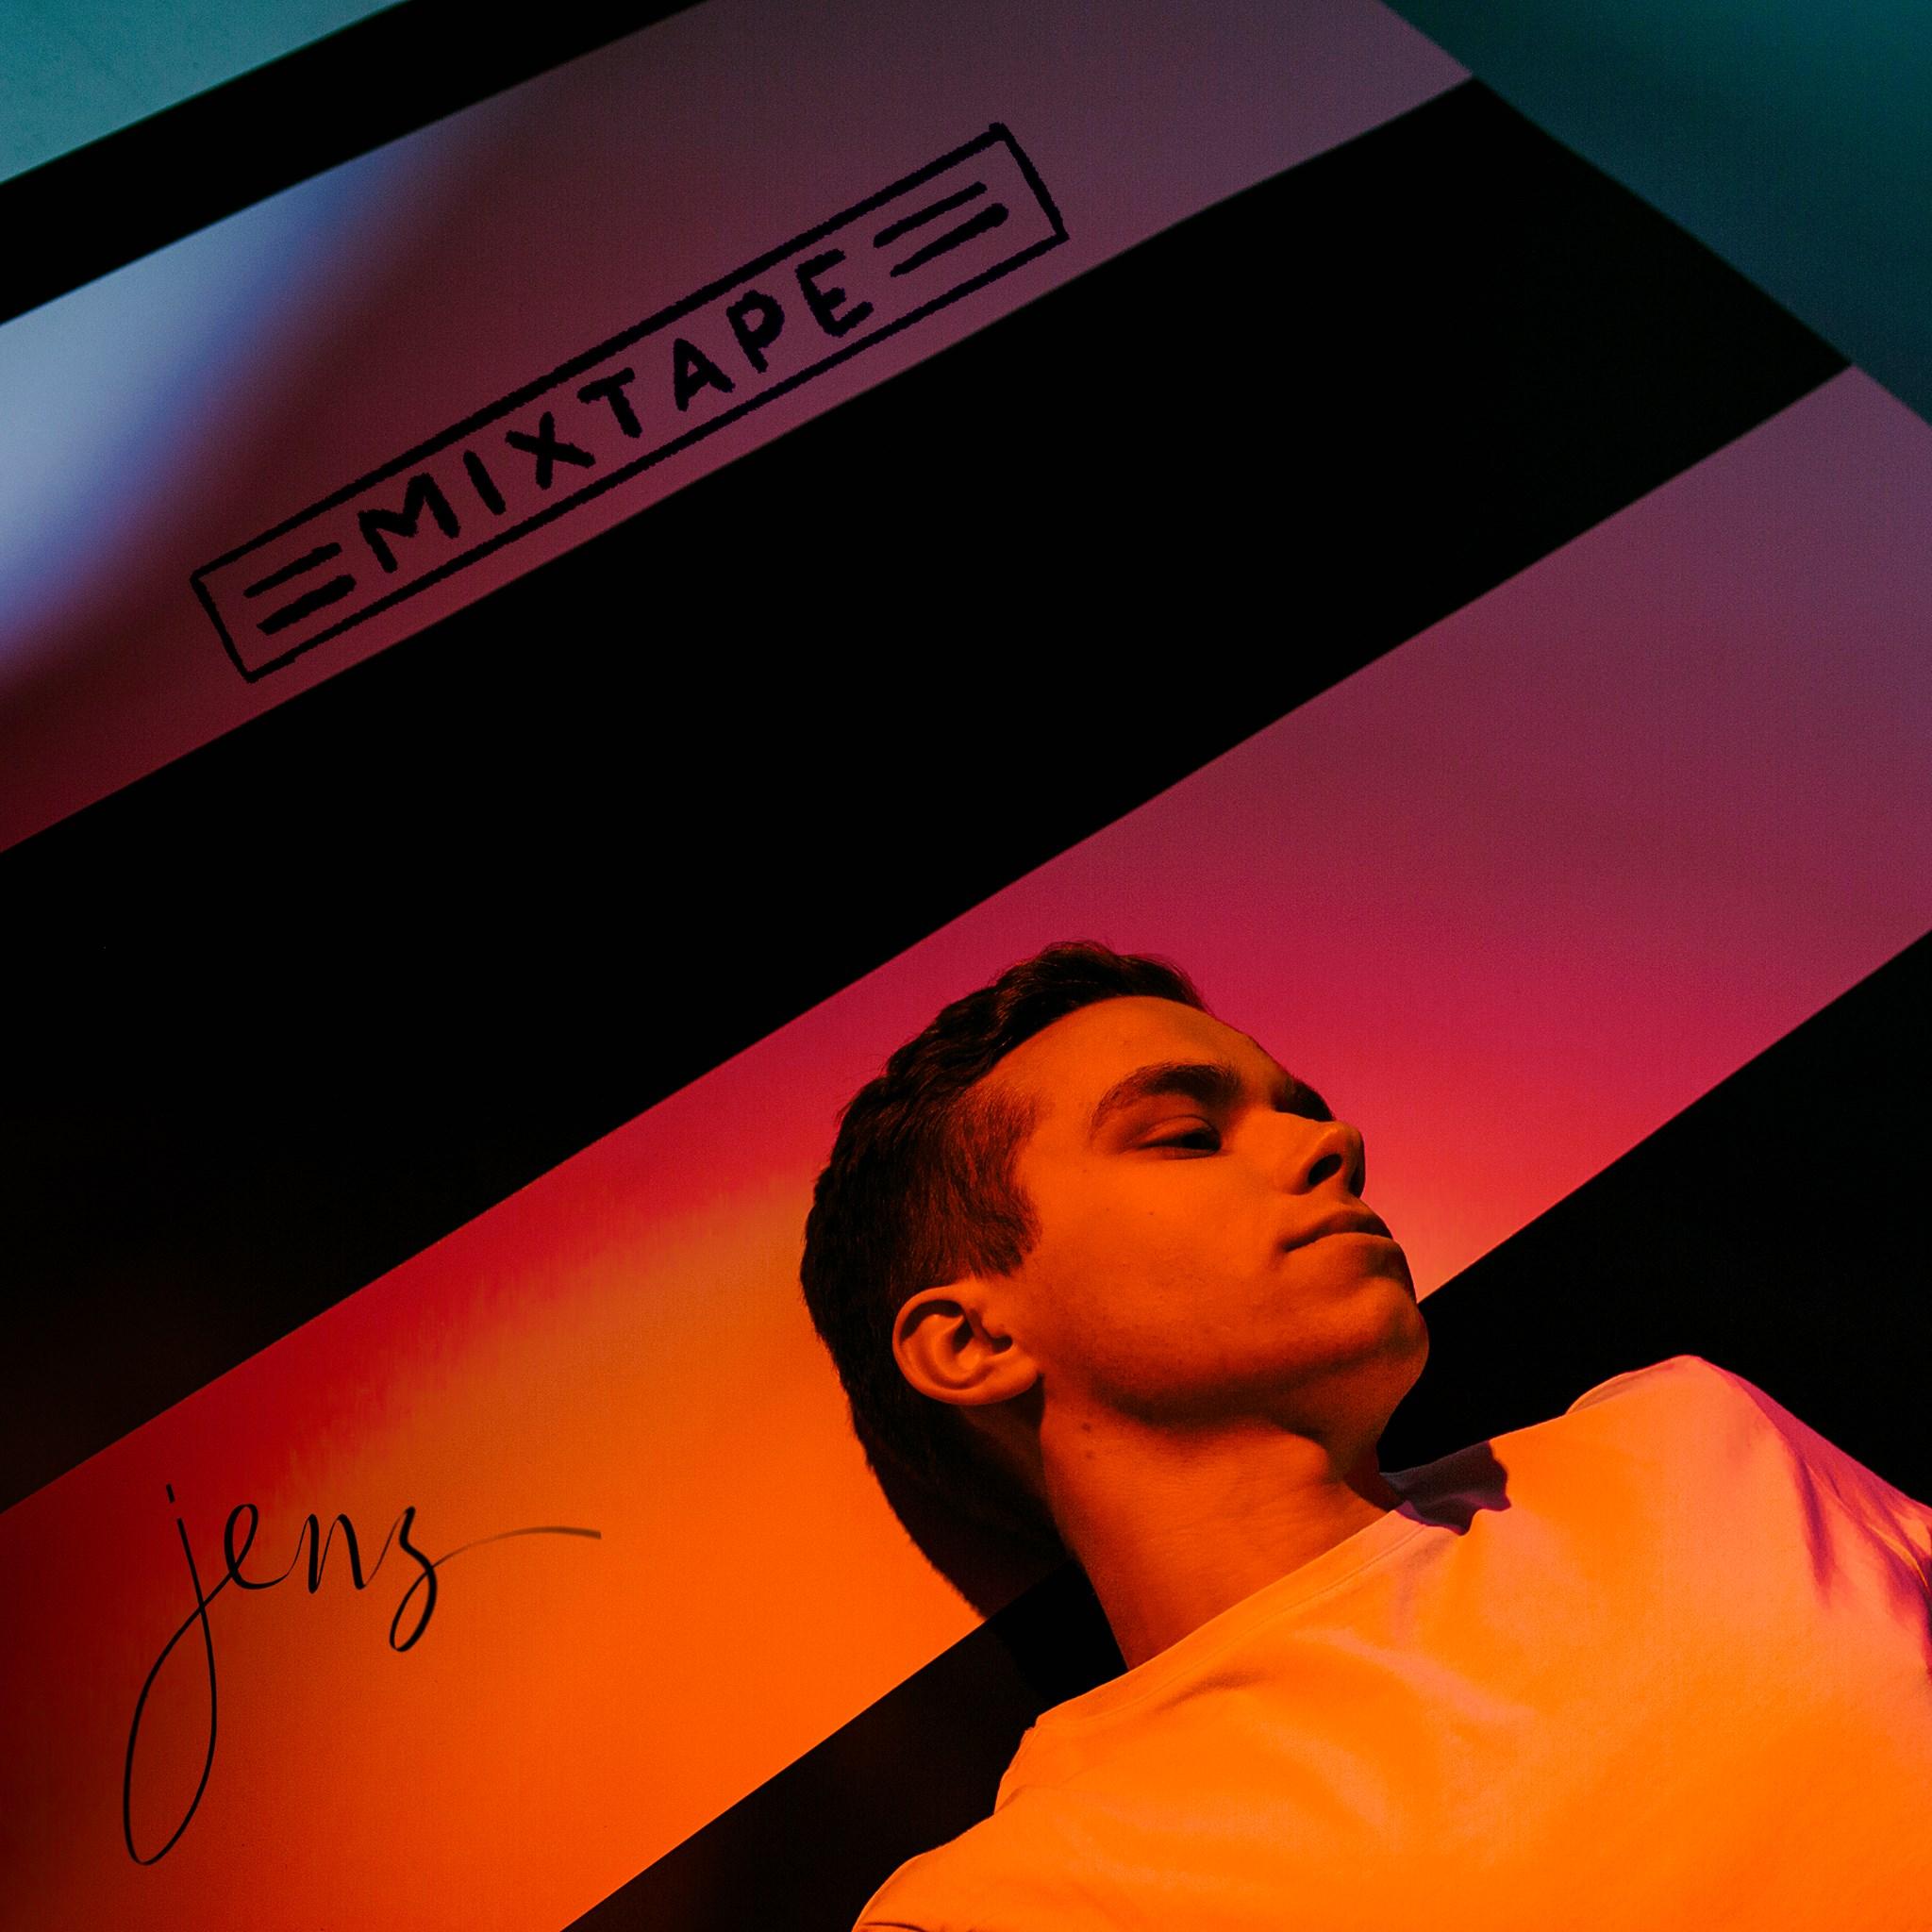 jens - Universal Music